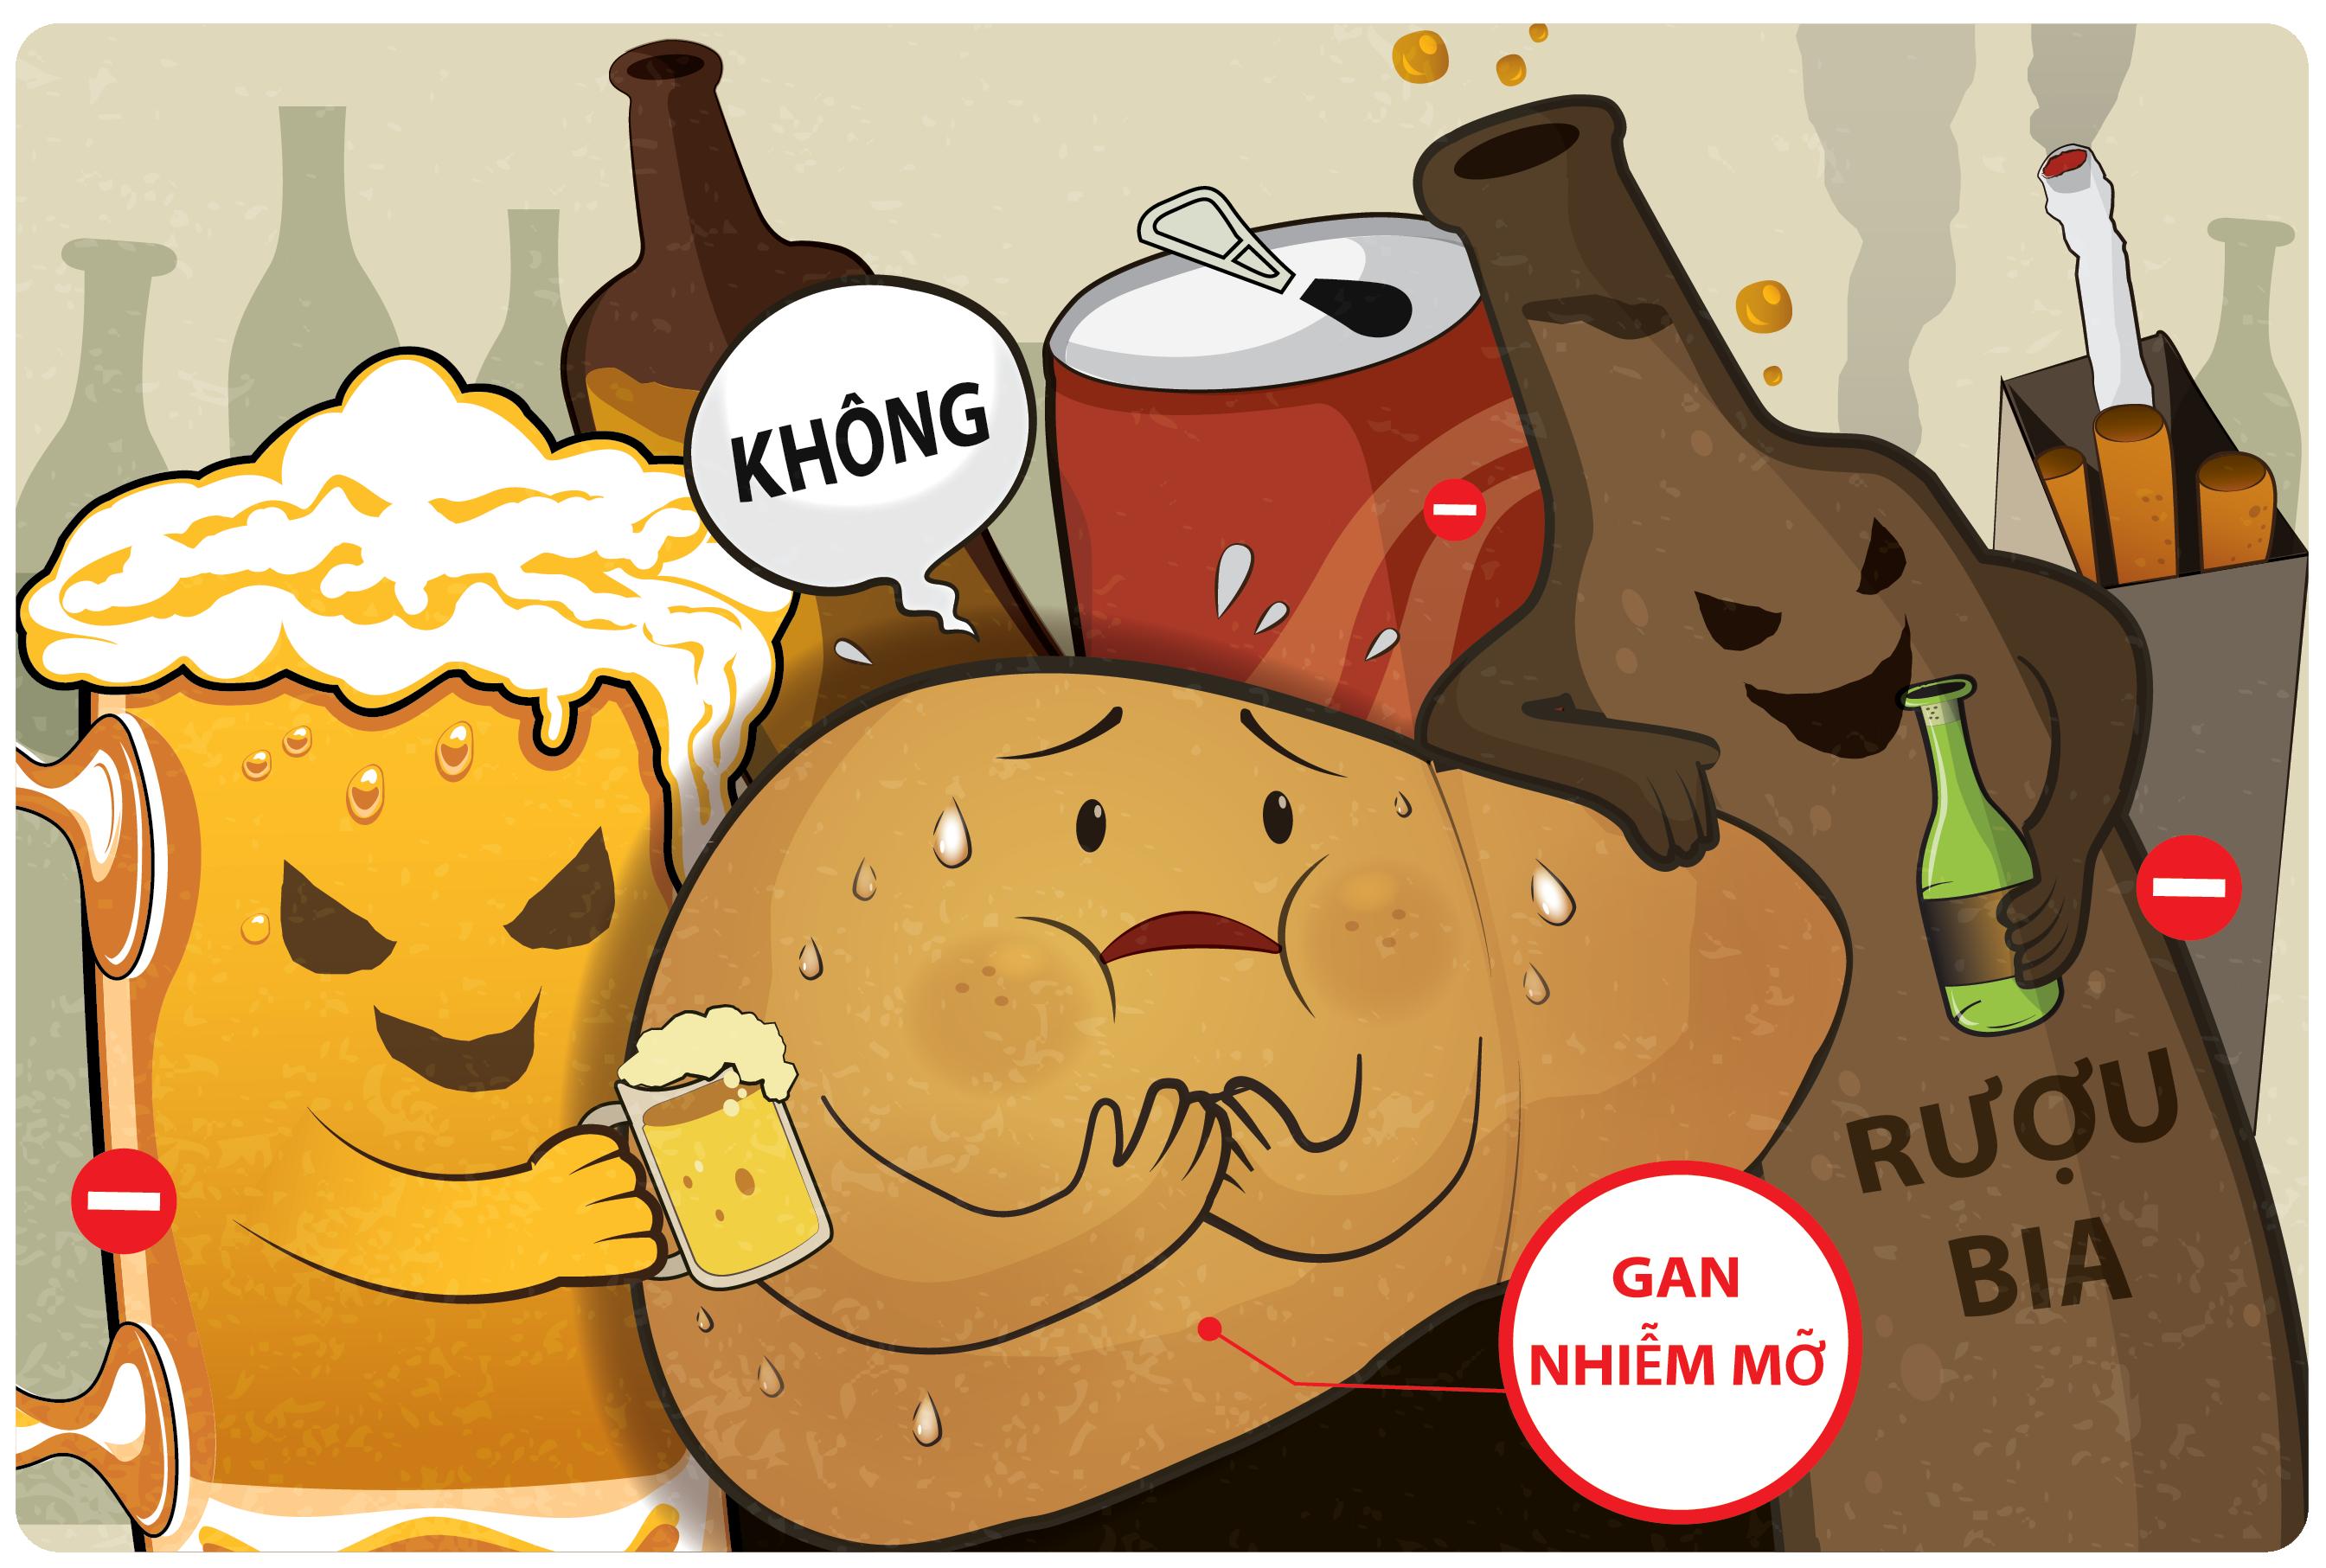 rượu bia có hại cho sức khỏe